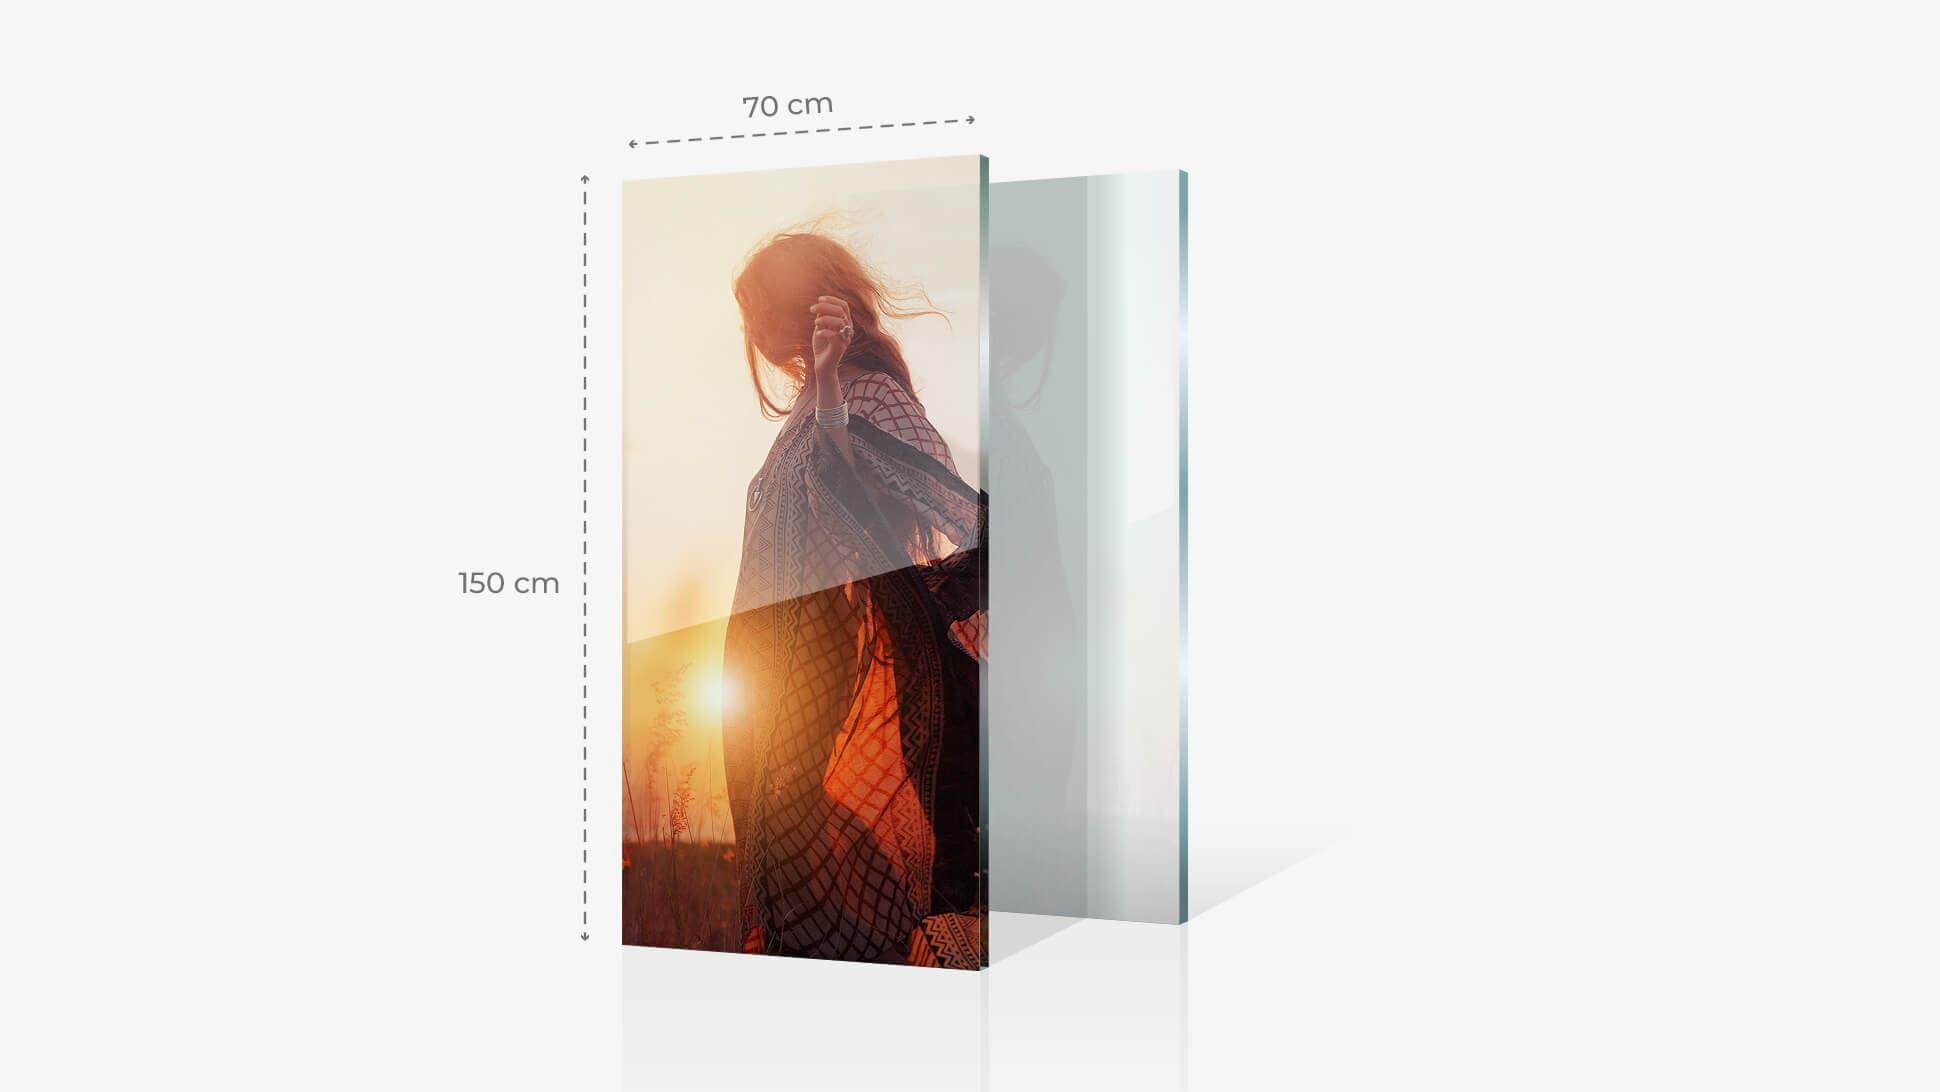 Foto su vetro acrilico 70x150 cm con grafica | tictac.it